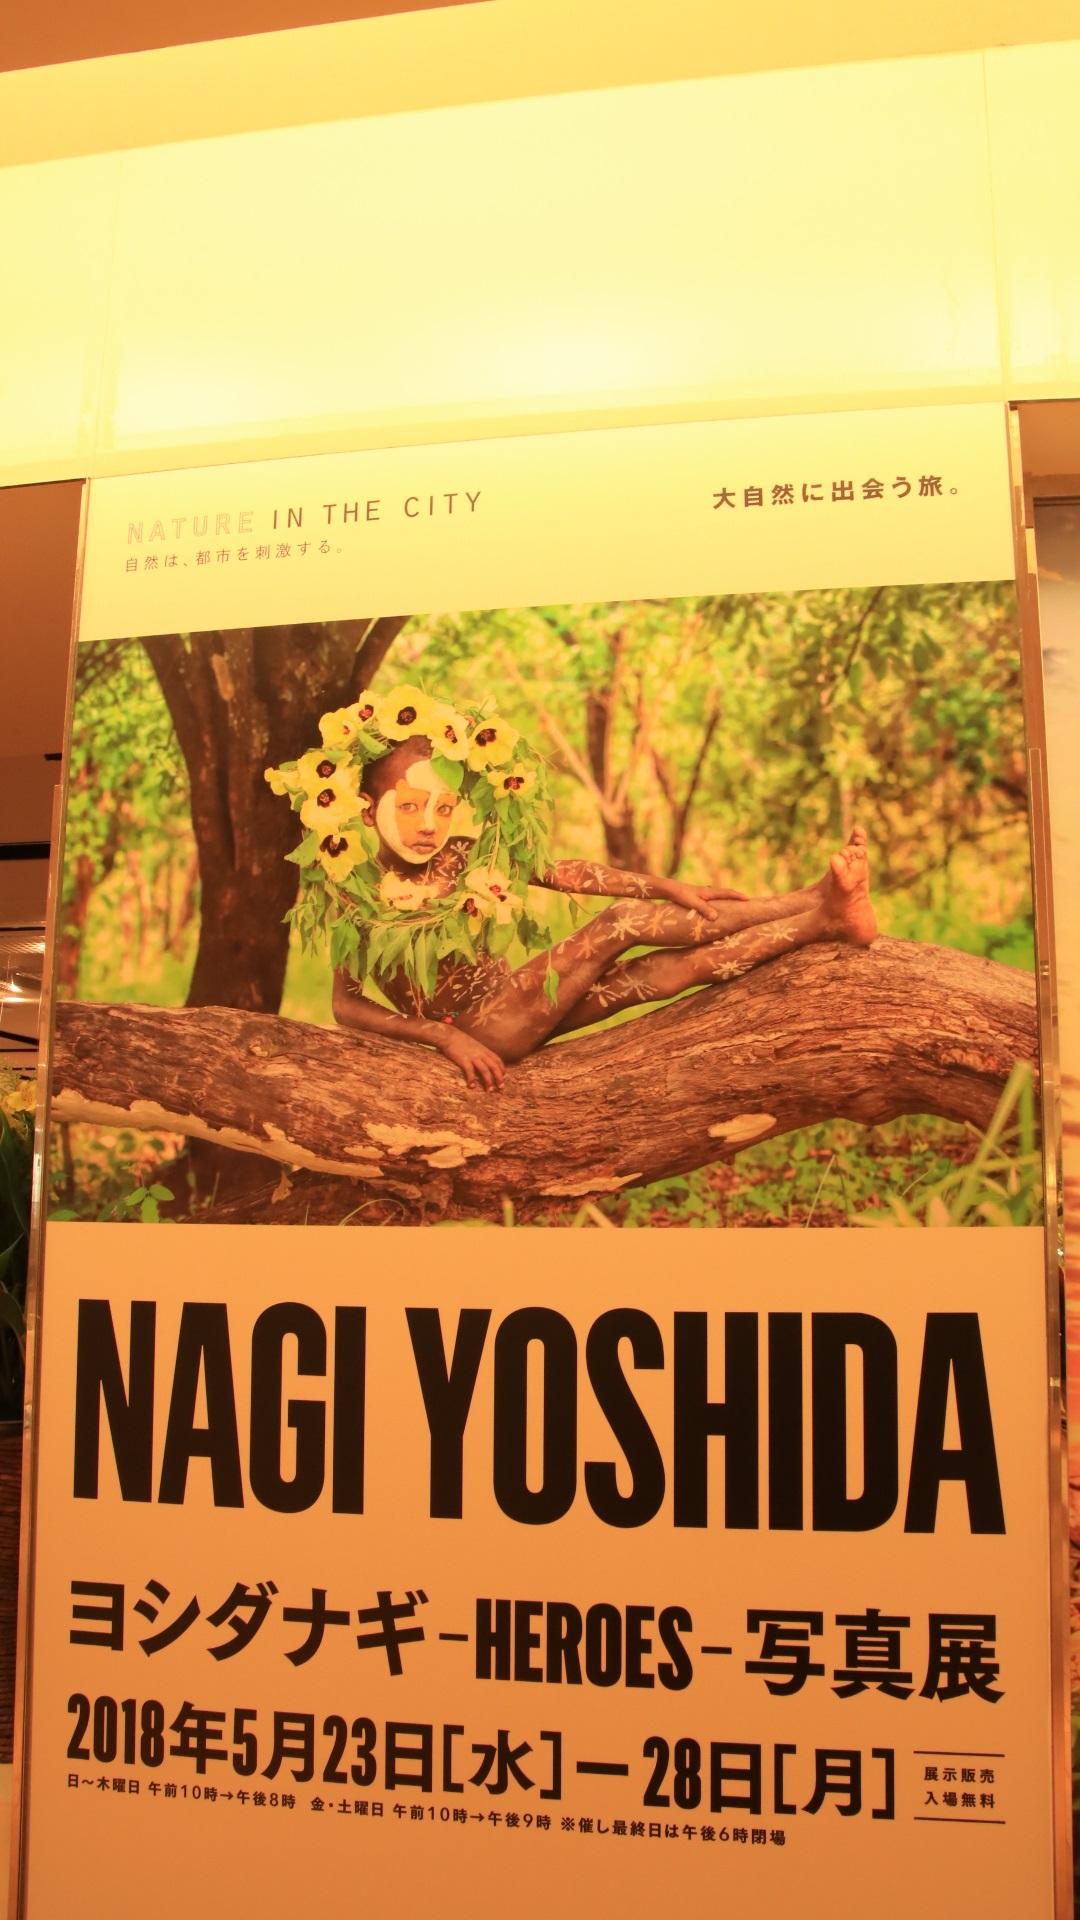 ヨシダナギ 写真展 阪急百貨店_d0202264_19534966.jpg